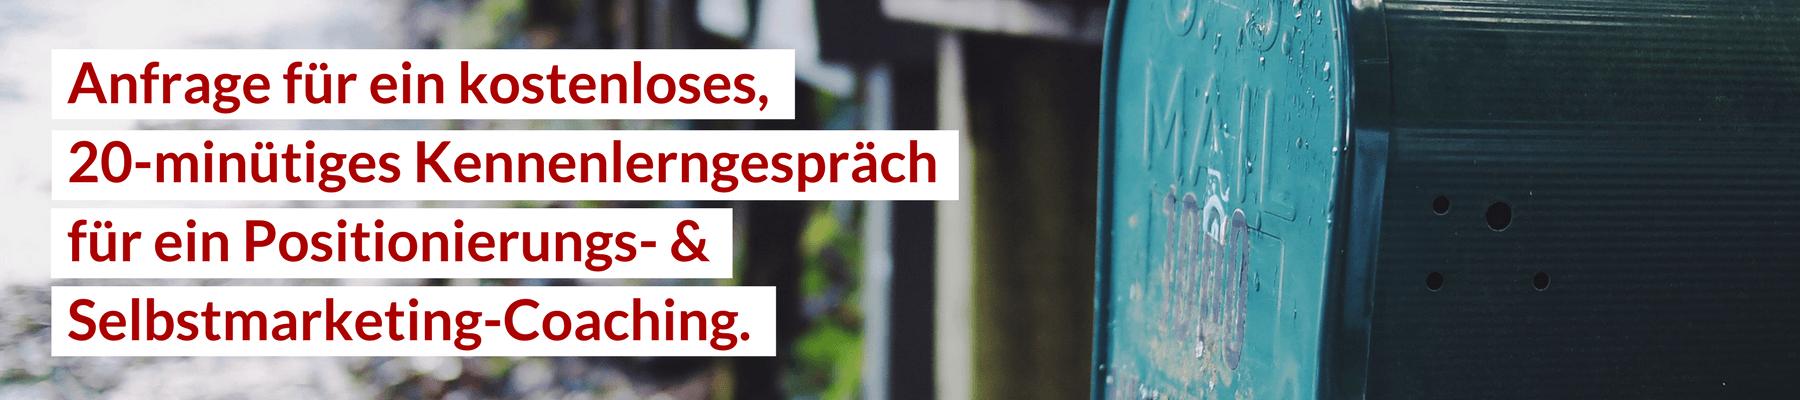 Selbstmarketing Positionierung Coaching Julian Heck Kennenlerngespräch